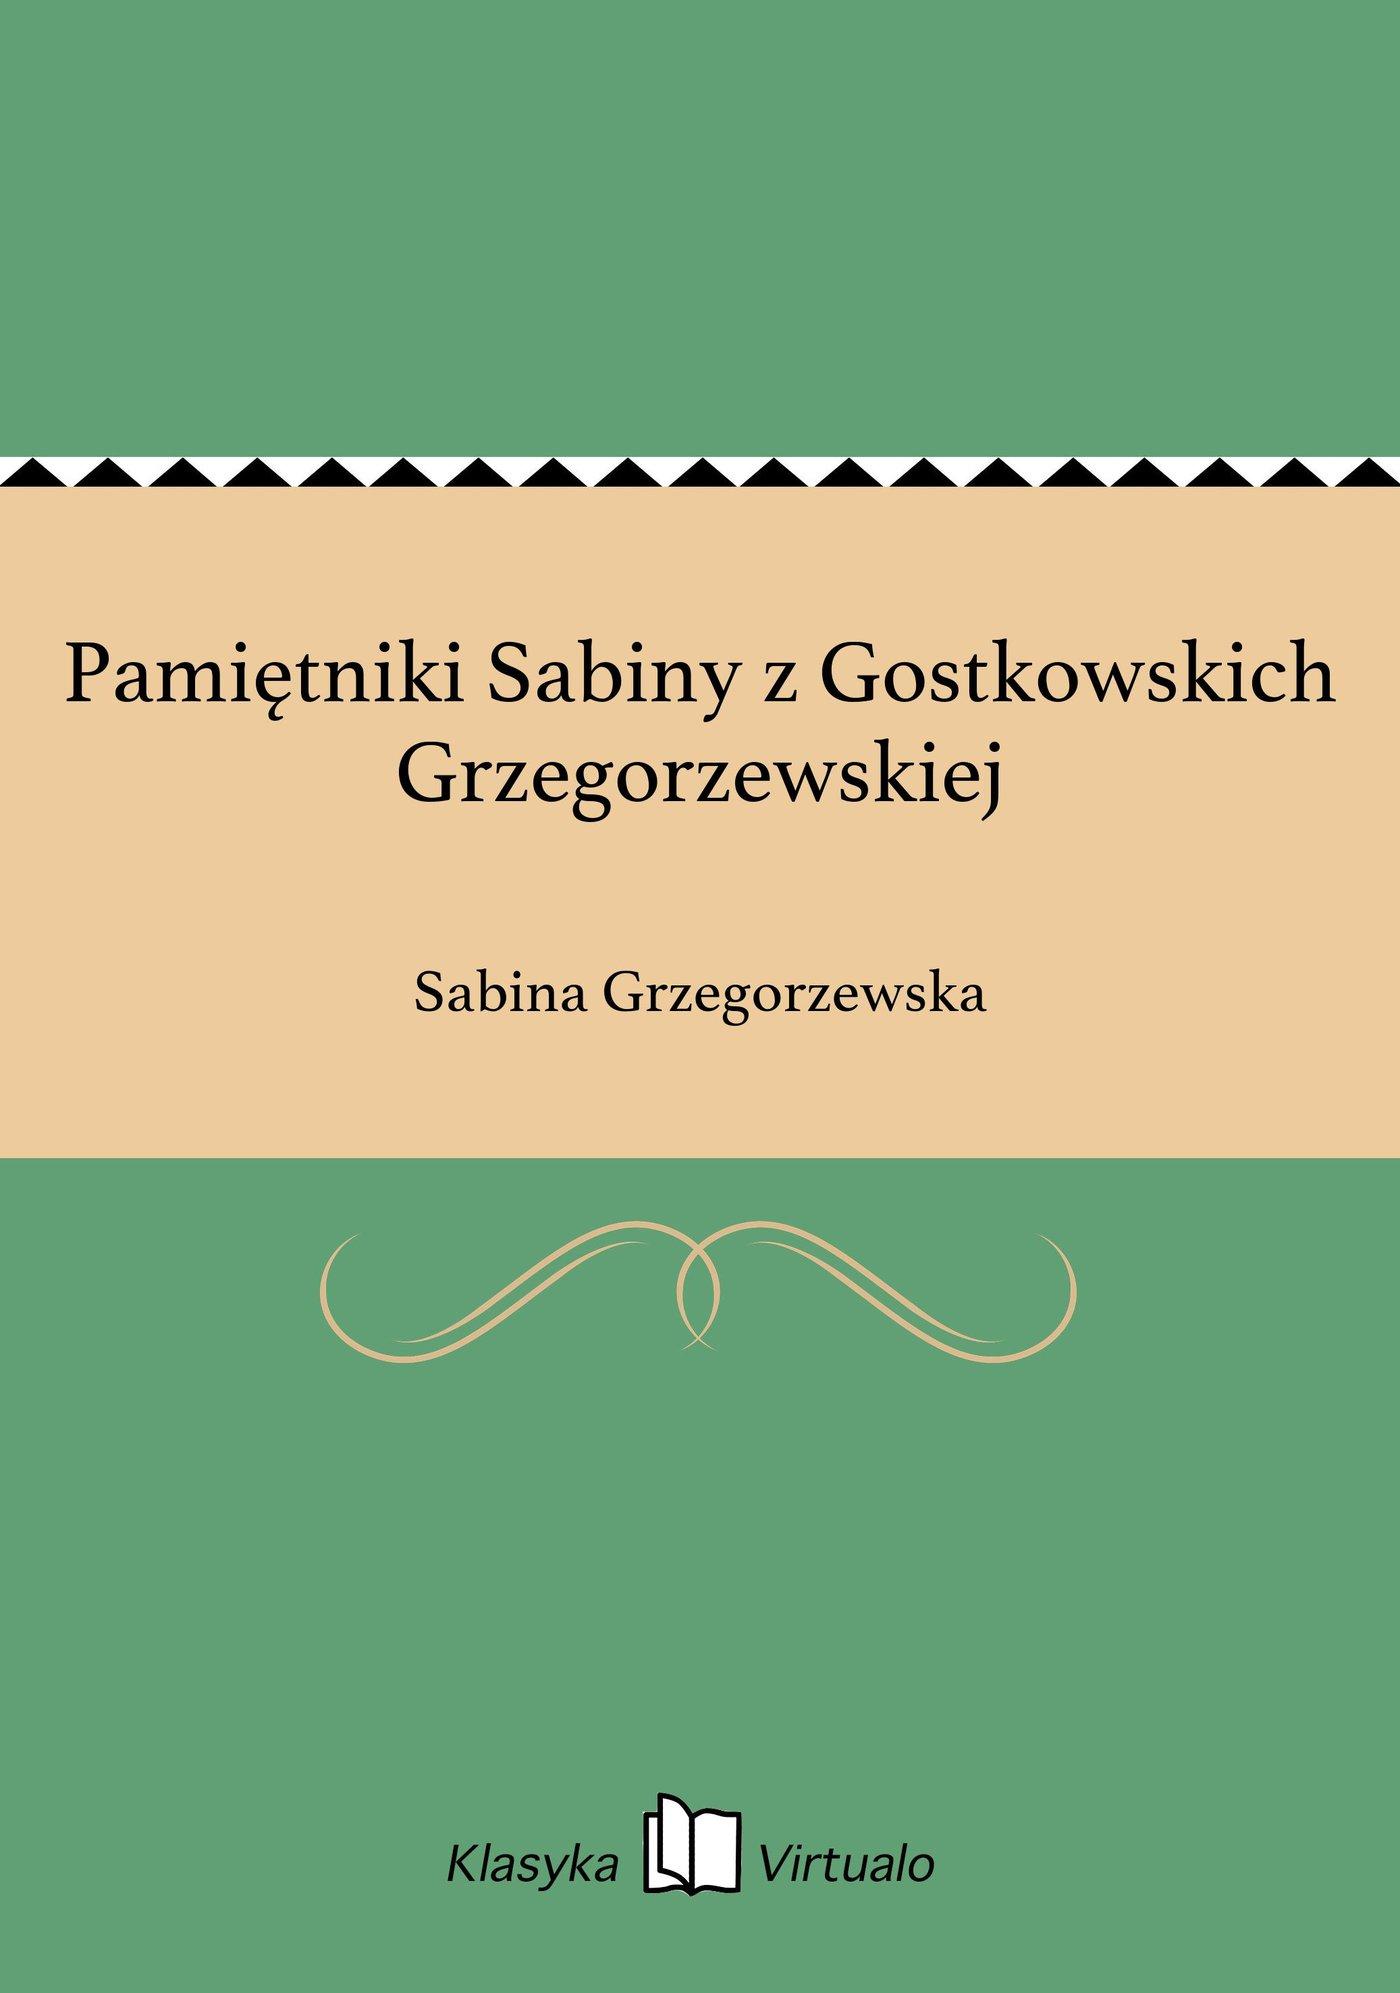 Pamiętniki Sabiny z Gostkowskich Grzegorzewskiej - Ebook (Książka EPUB) do pobrania w formacie EPUB